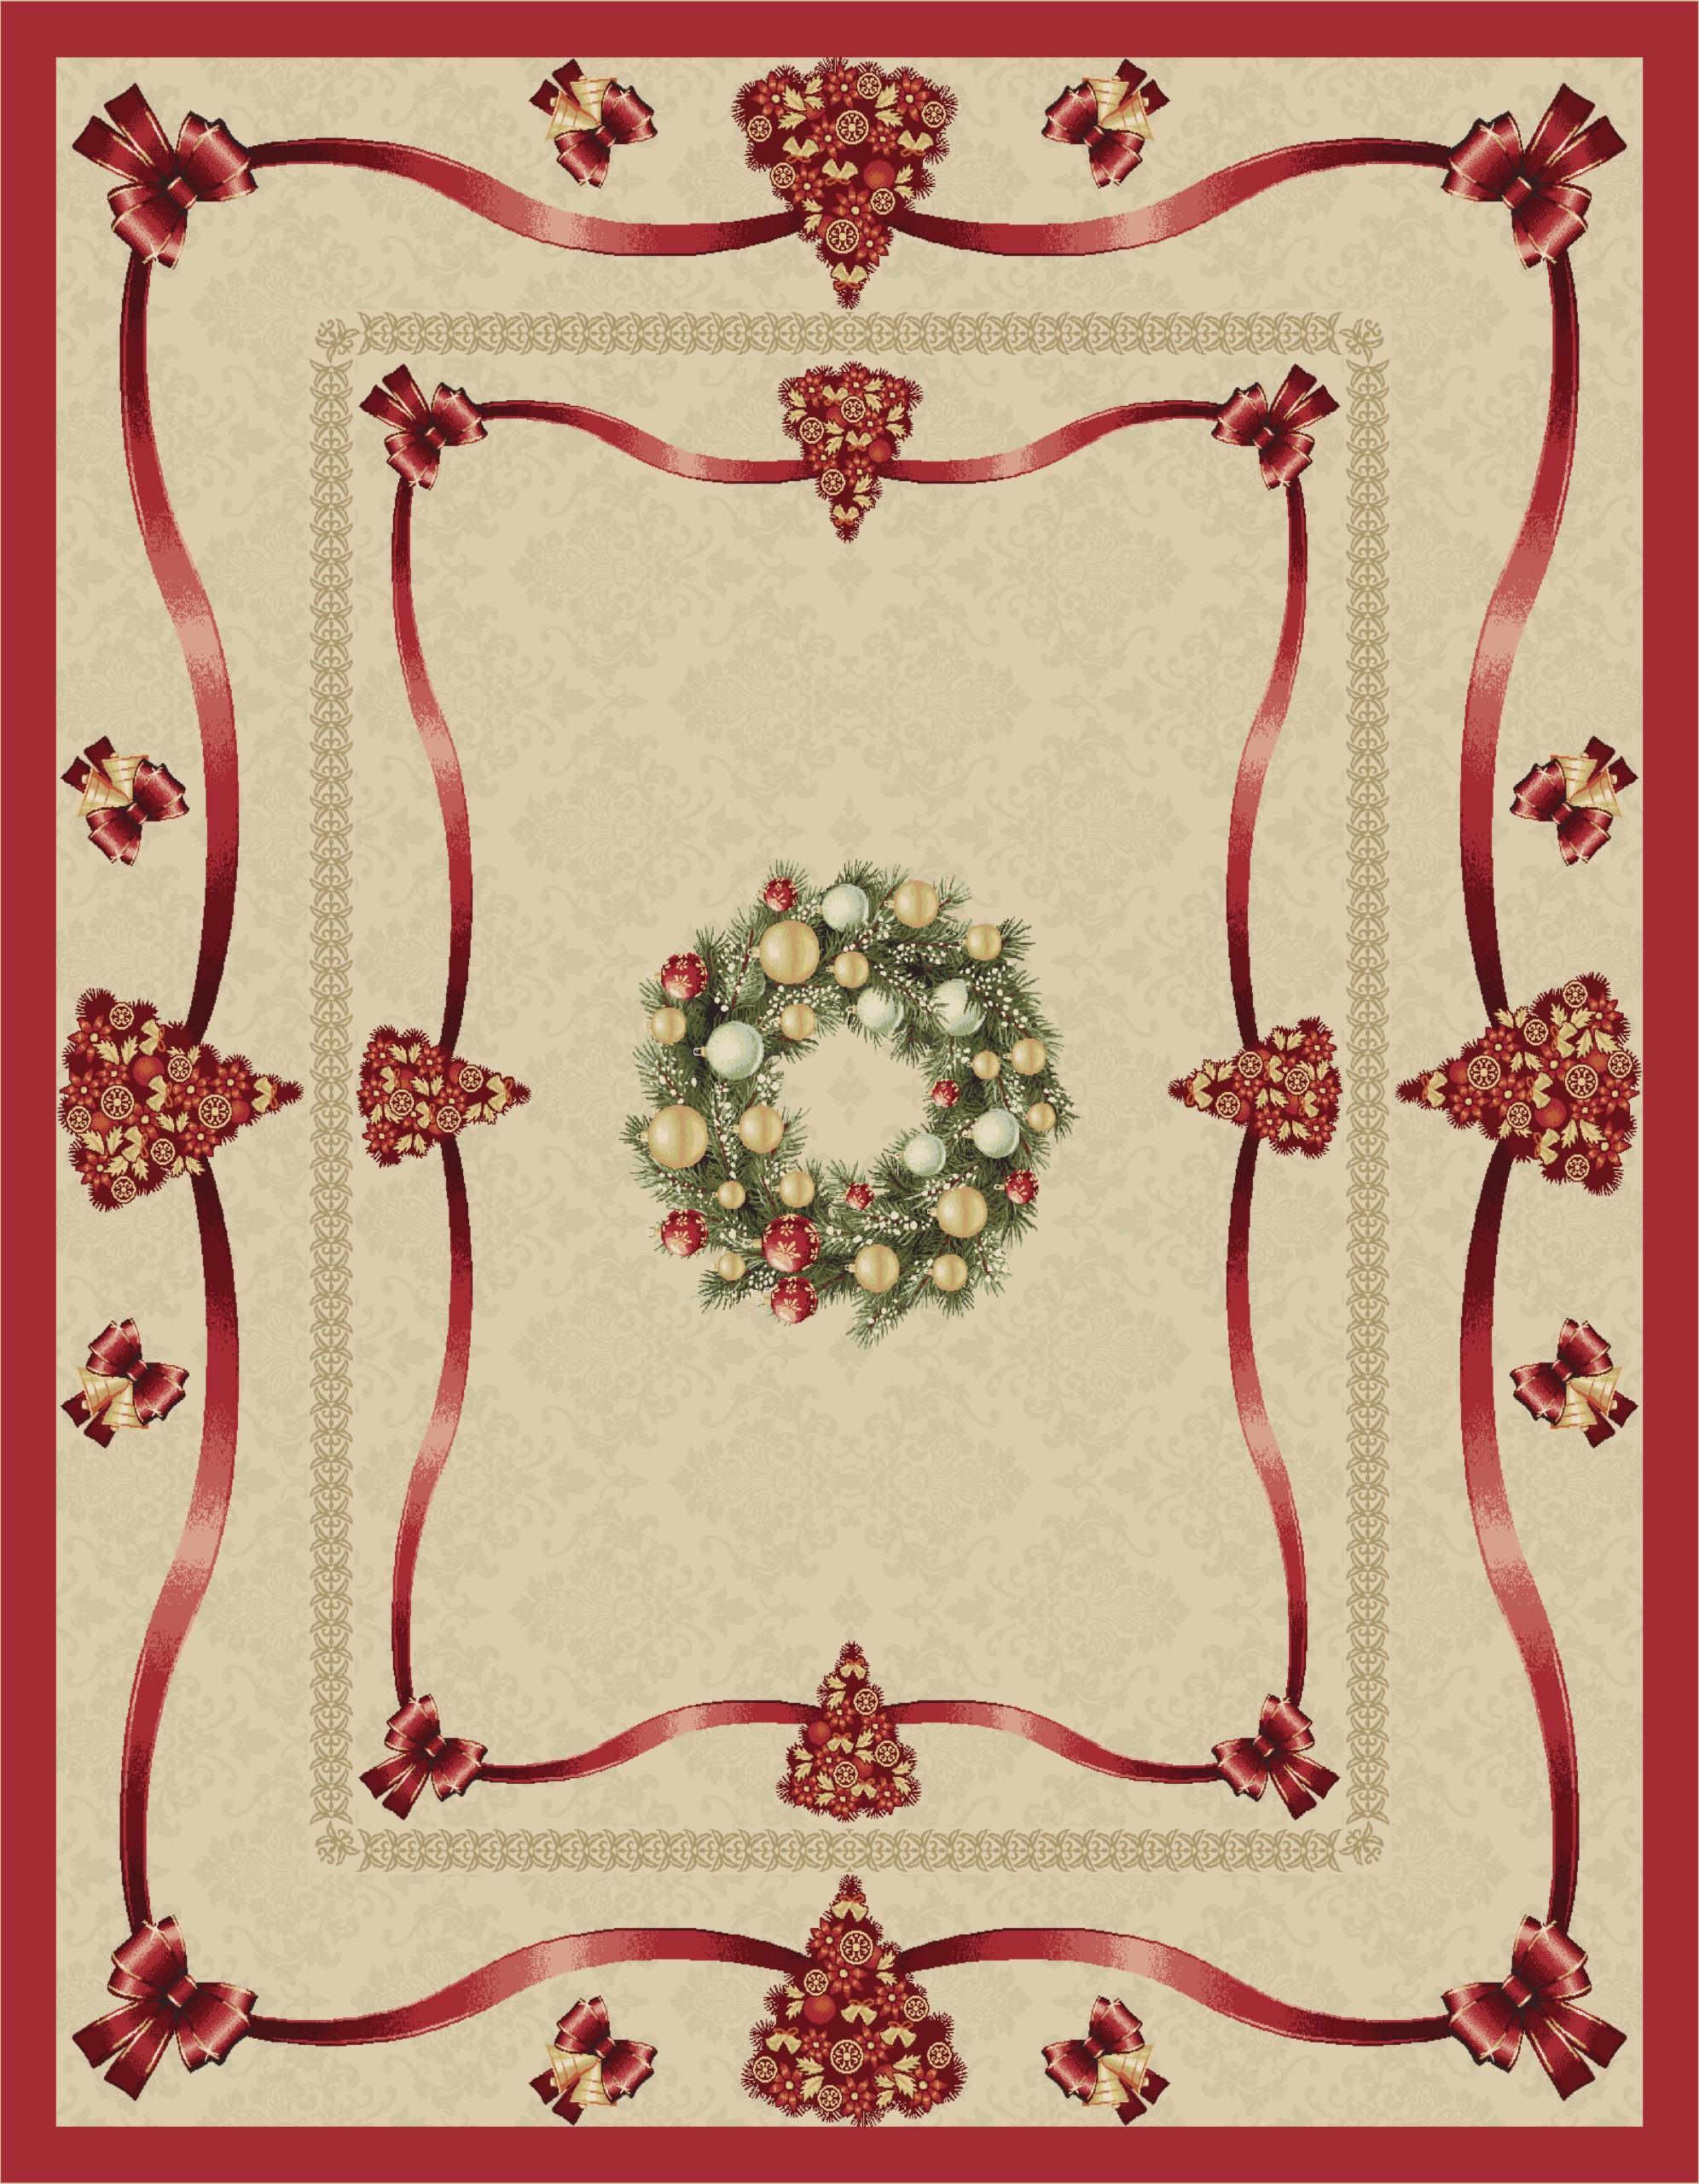 Χριστουγεννιάτικο Τραπεζομάντηλο 140x180 Vassiliadis Feliciti Oro